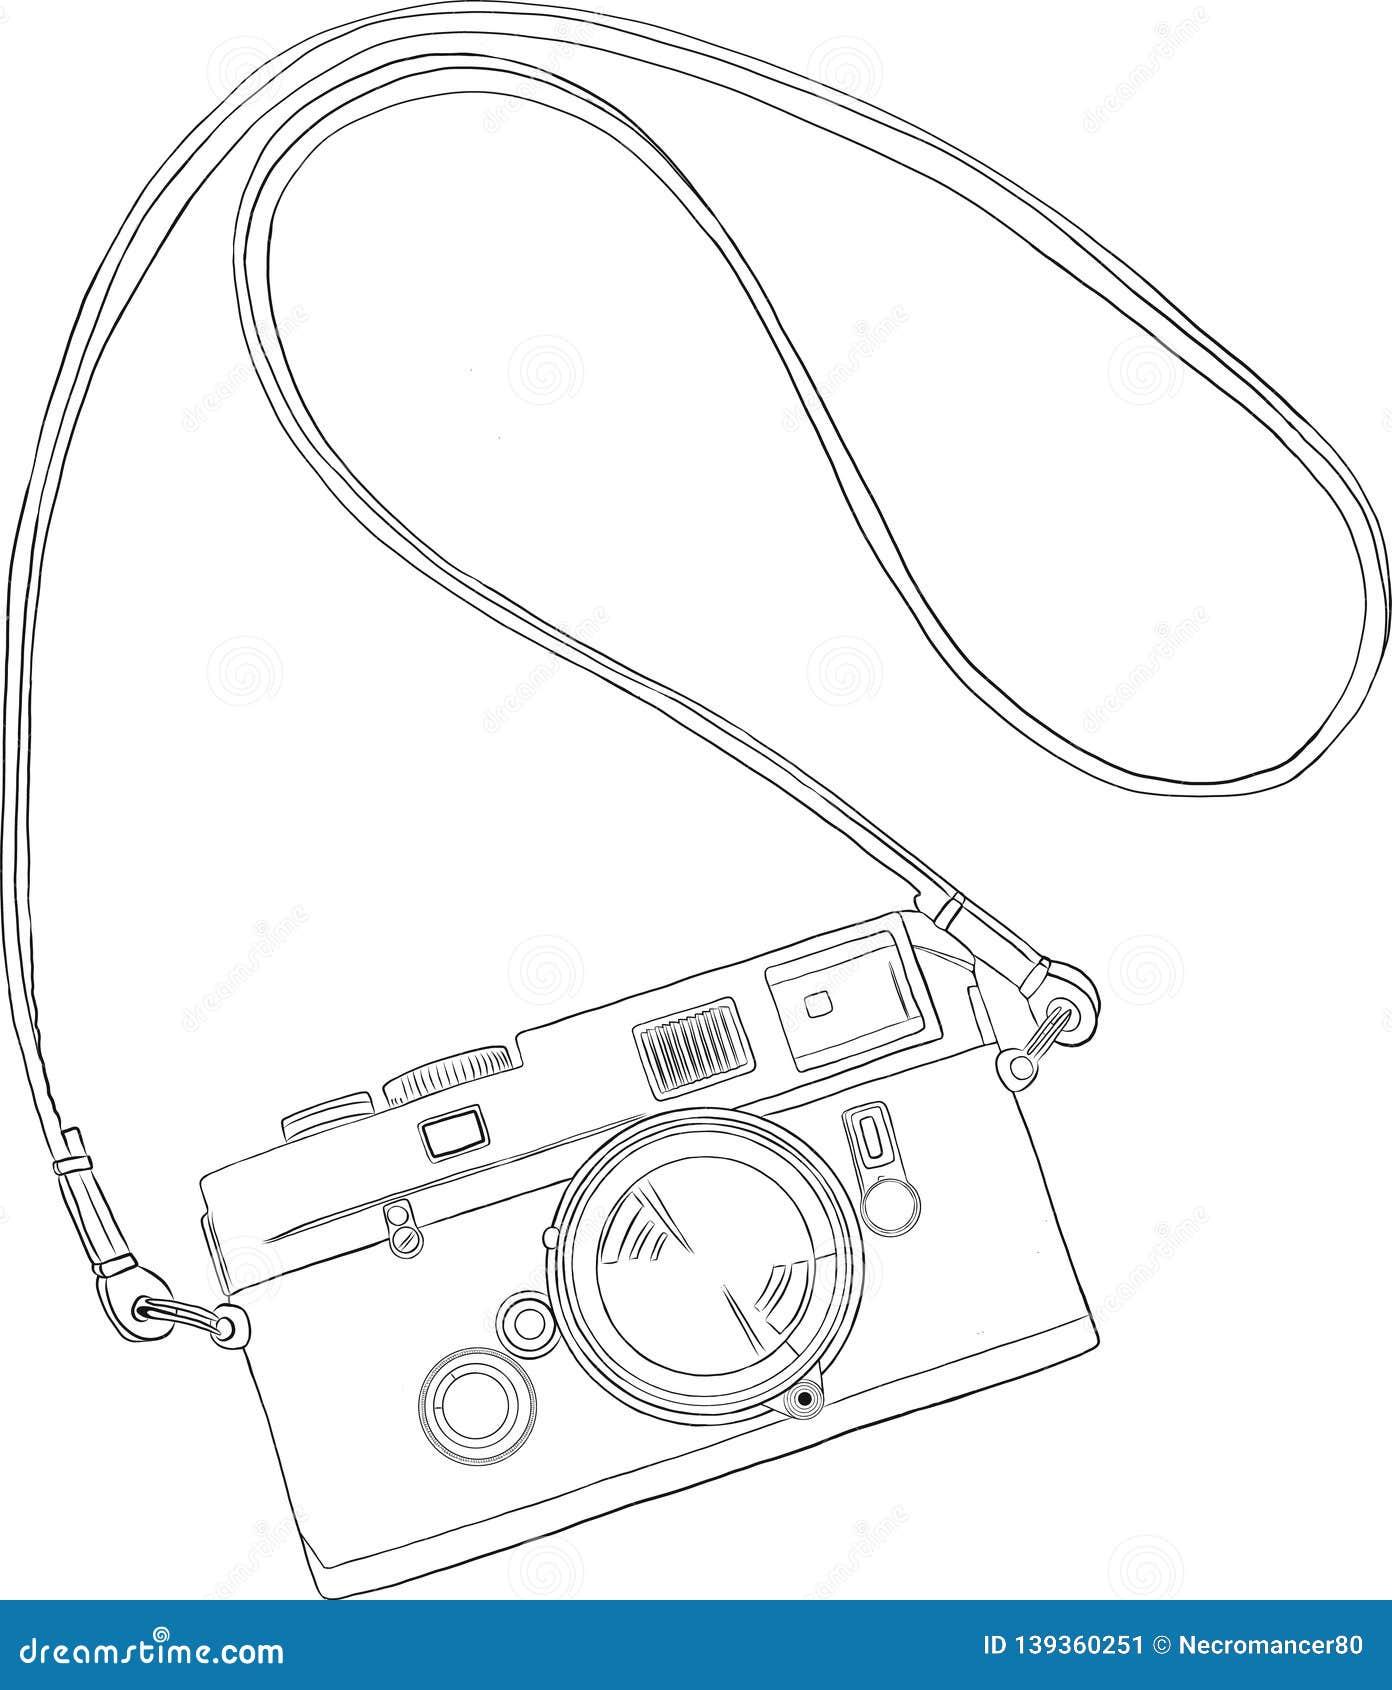 Retro camera in a sketch style.